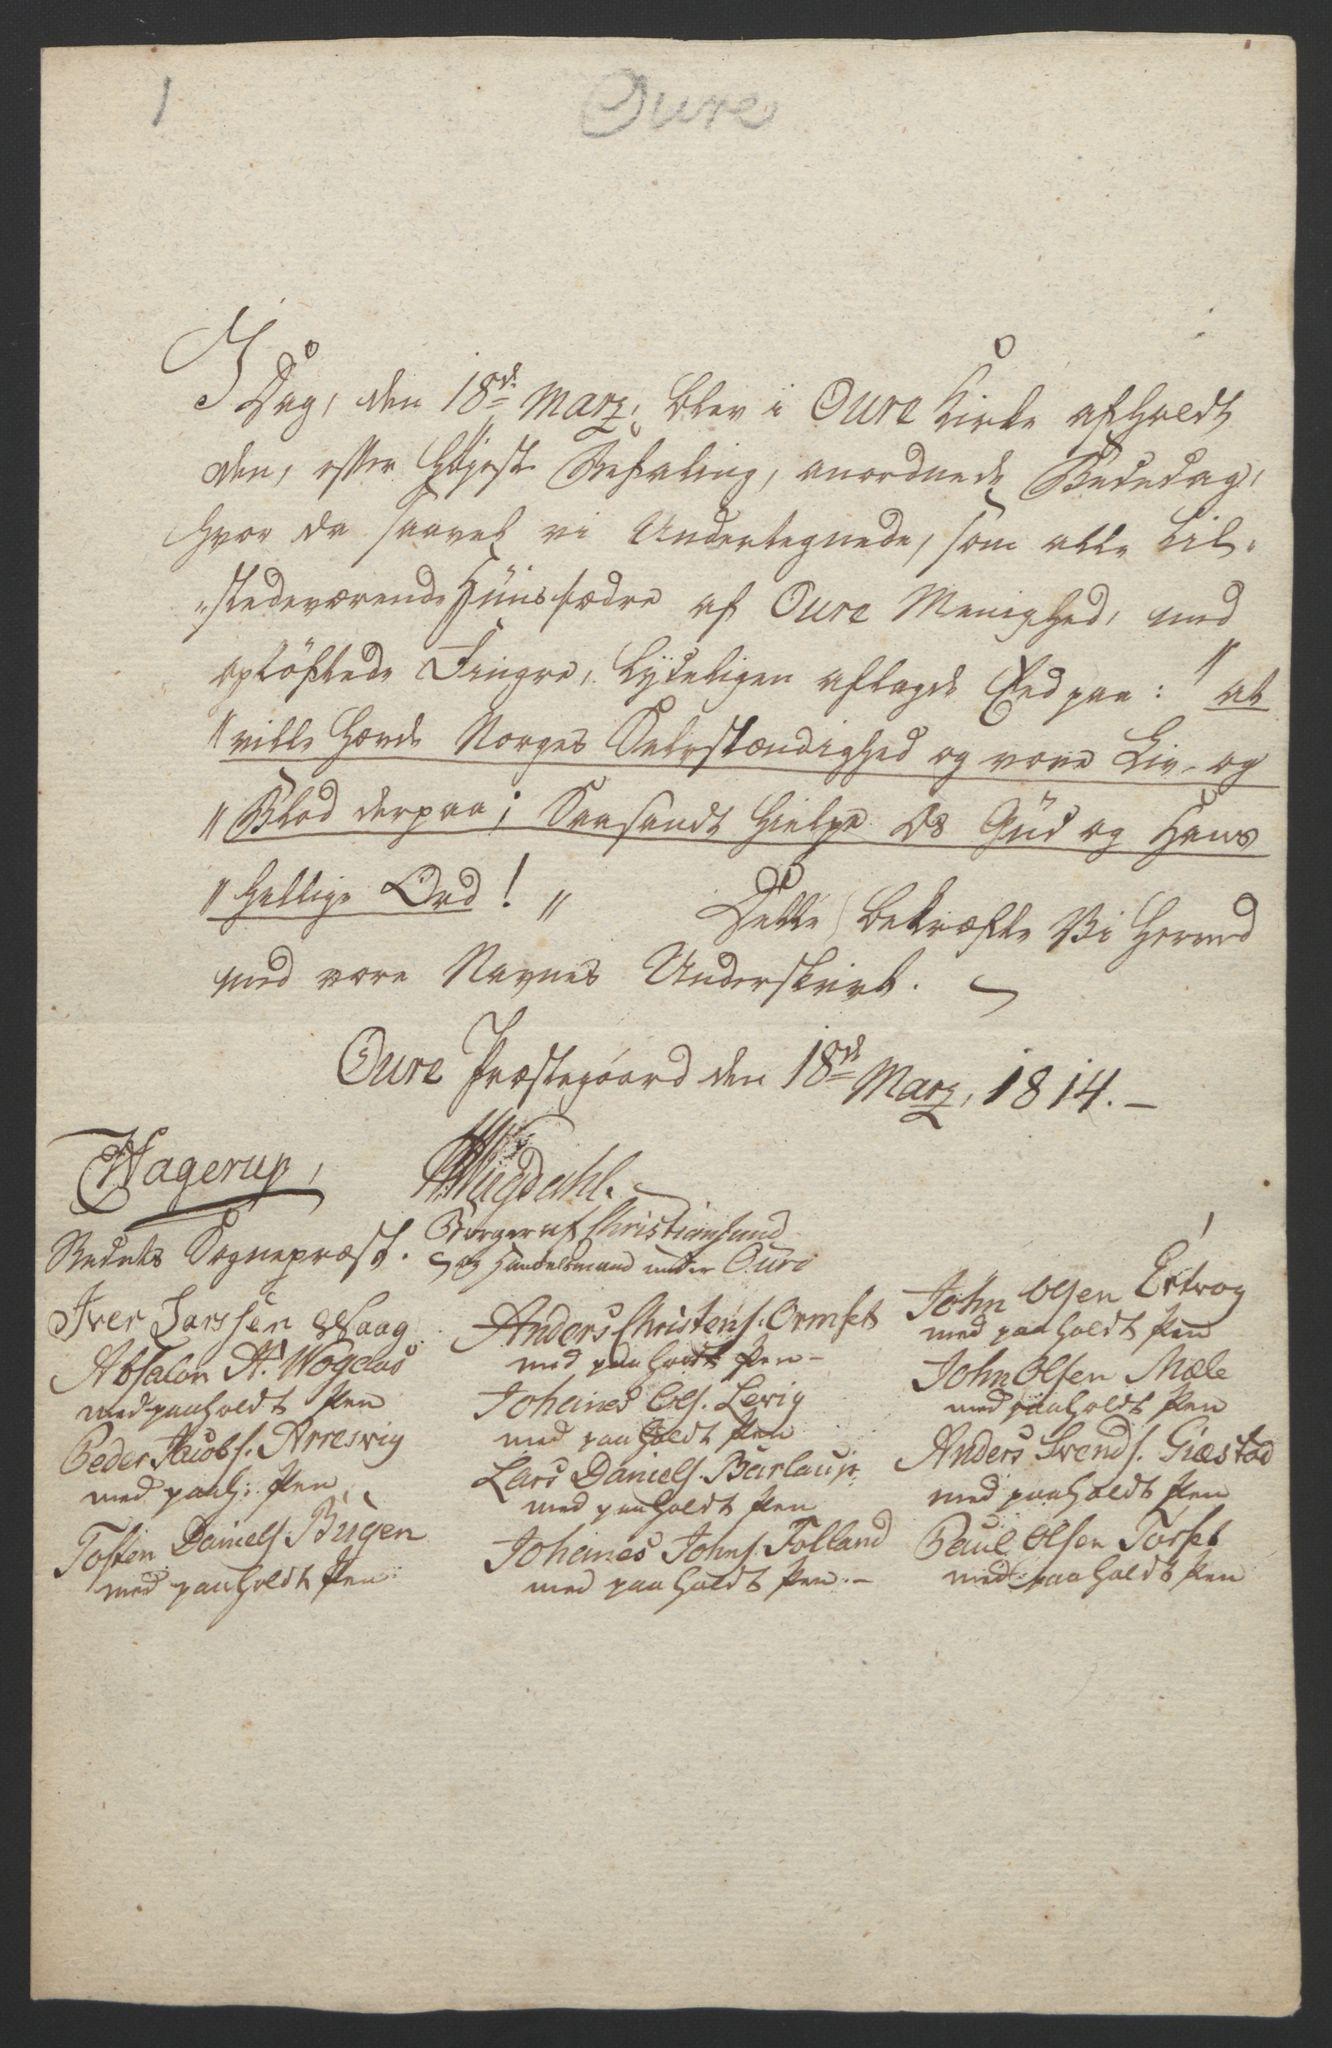 RA, Statsrådssekretariatet, D/Db/L0008: Fullmakter for Eidsvollsrepresentantene i 1814. , 1814, s. 358